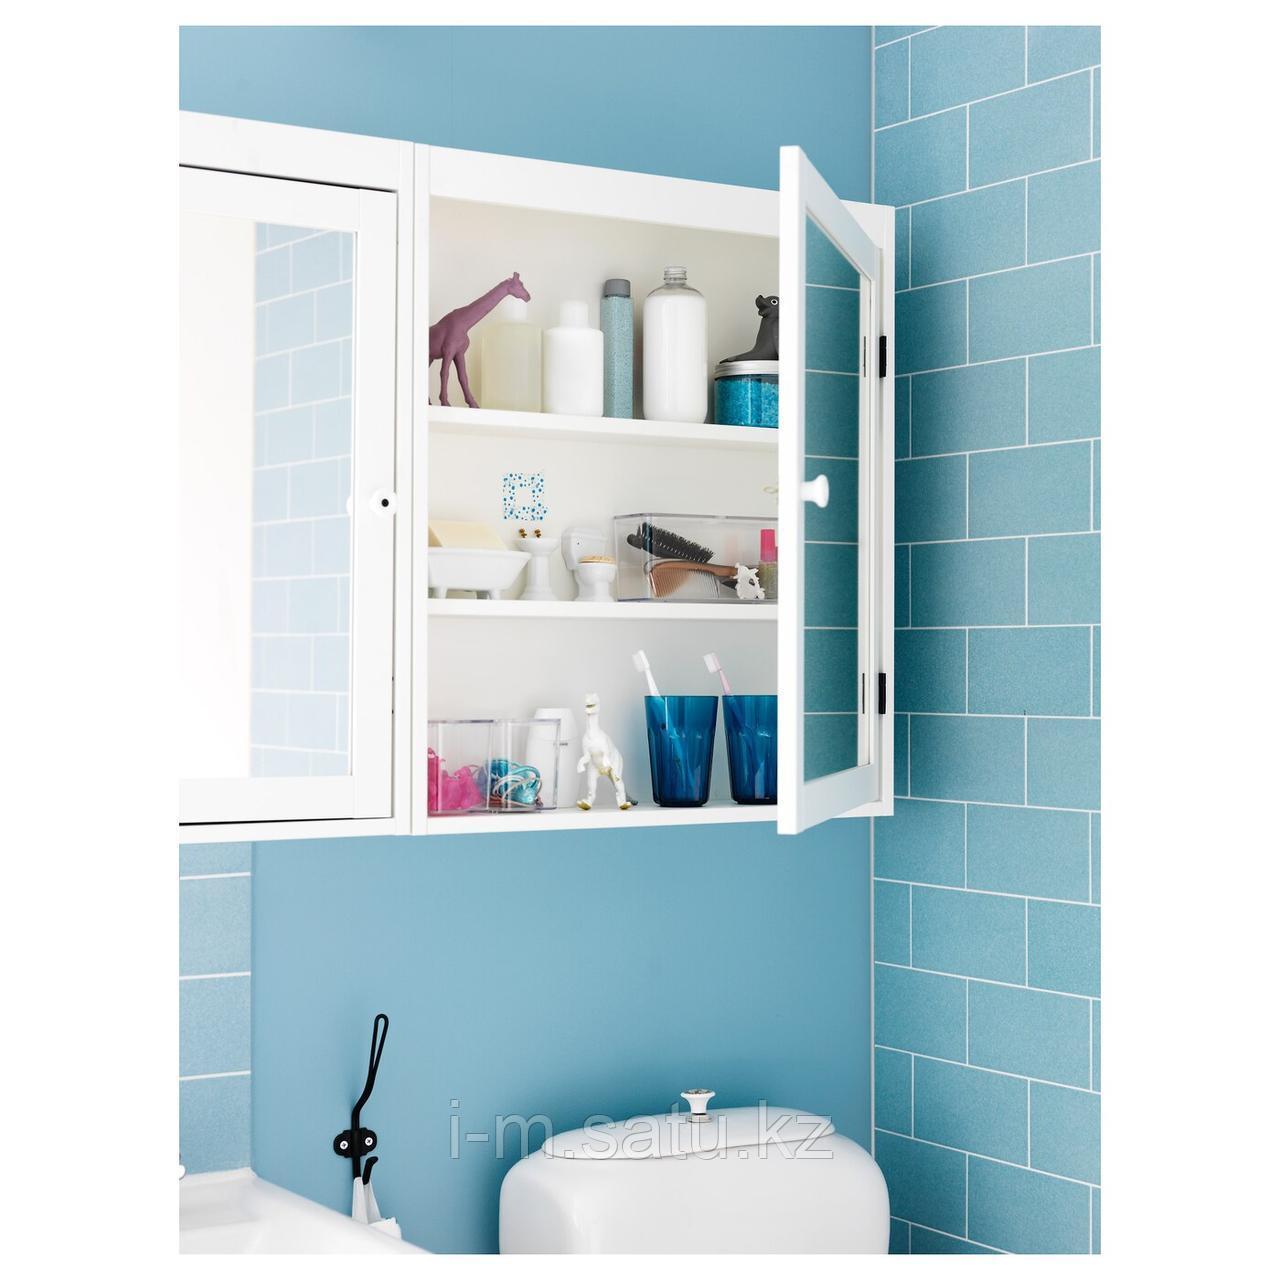 СИЛВЕРОН Шкафчик зеркальный, белый, 60x14x68 см